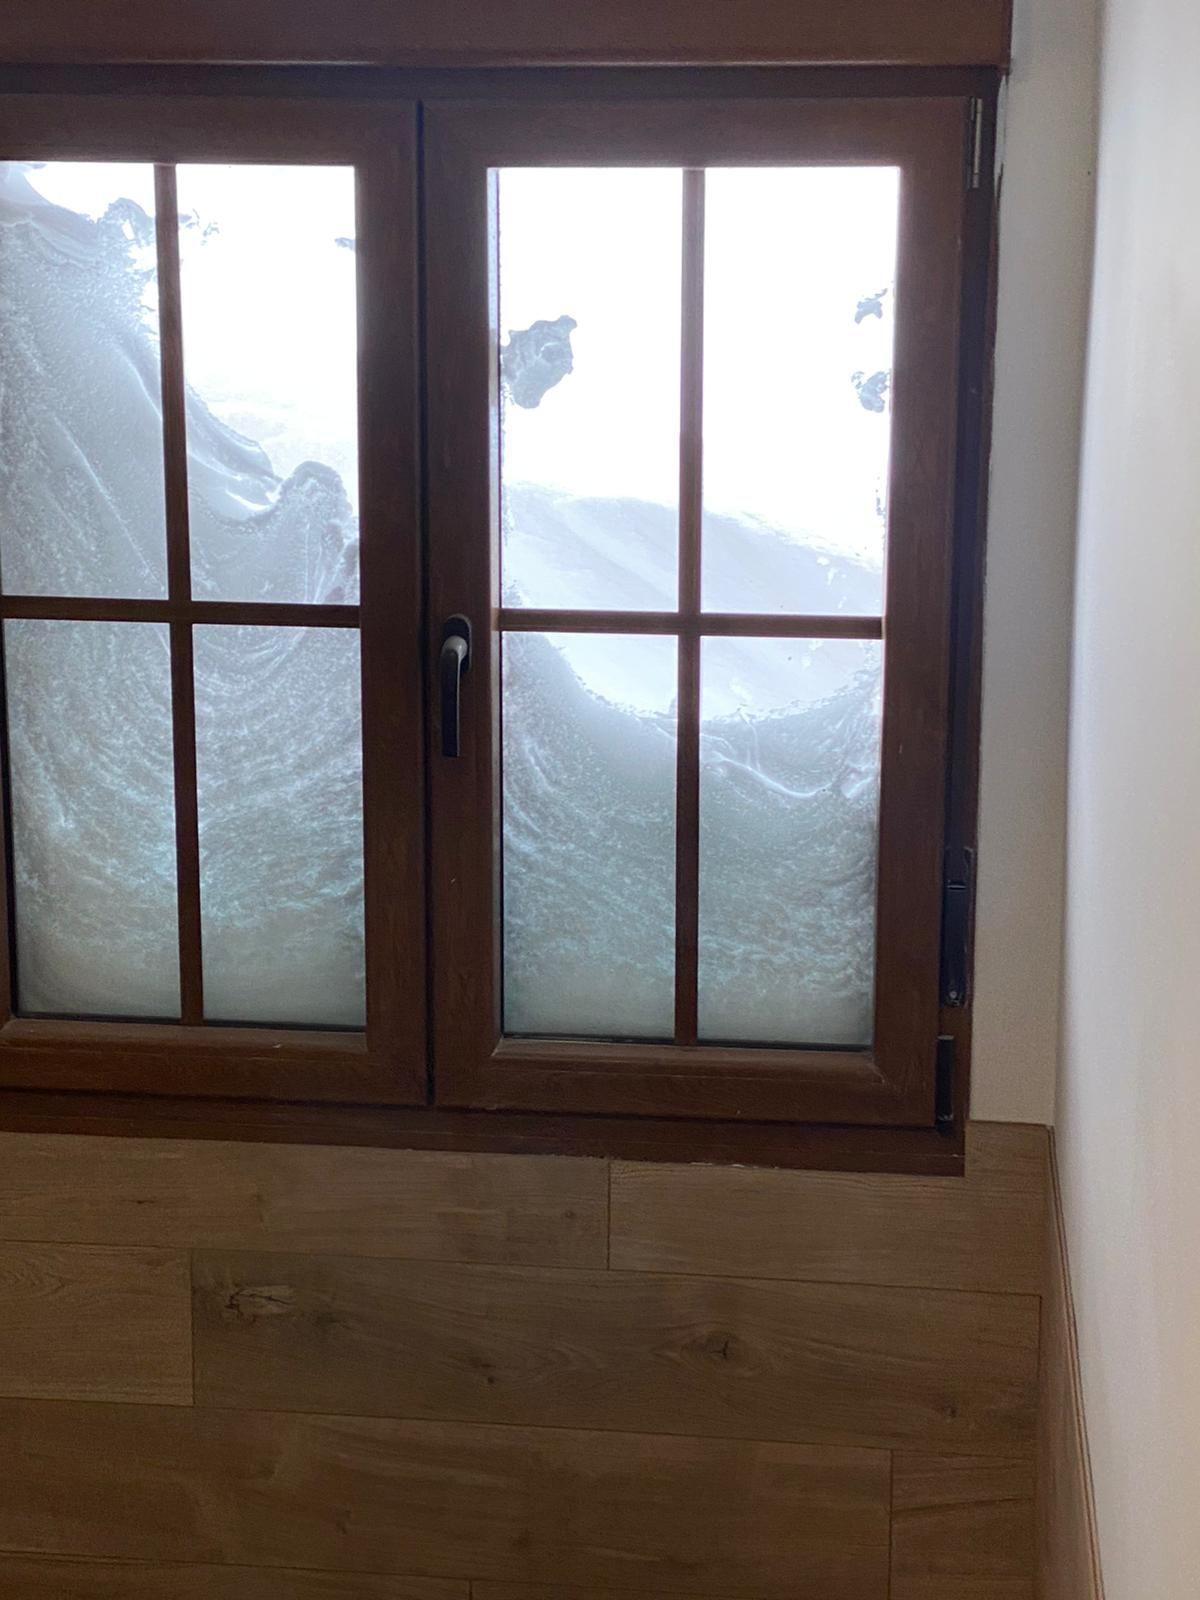 Más de dos metros de nieve: así se enfrentan los vecinos de Aller al temporal